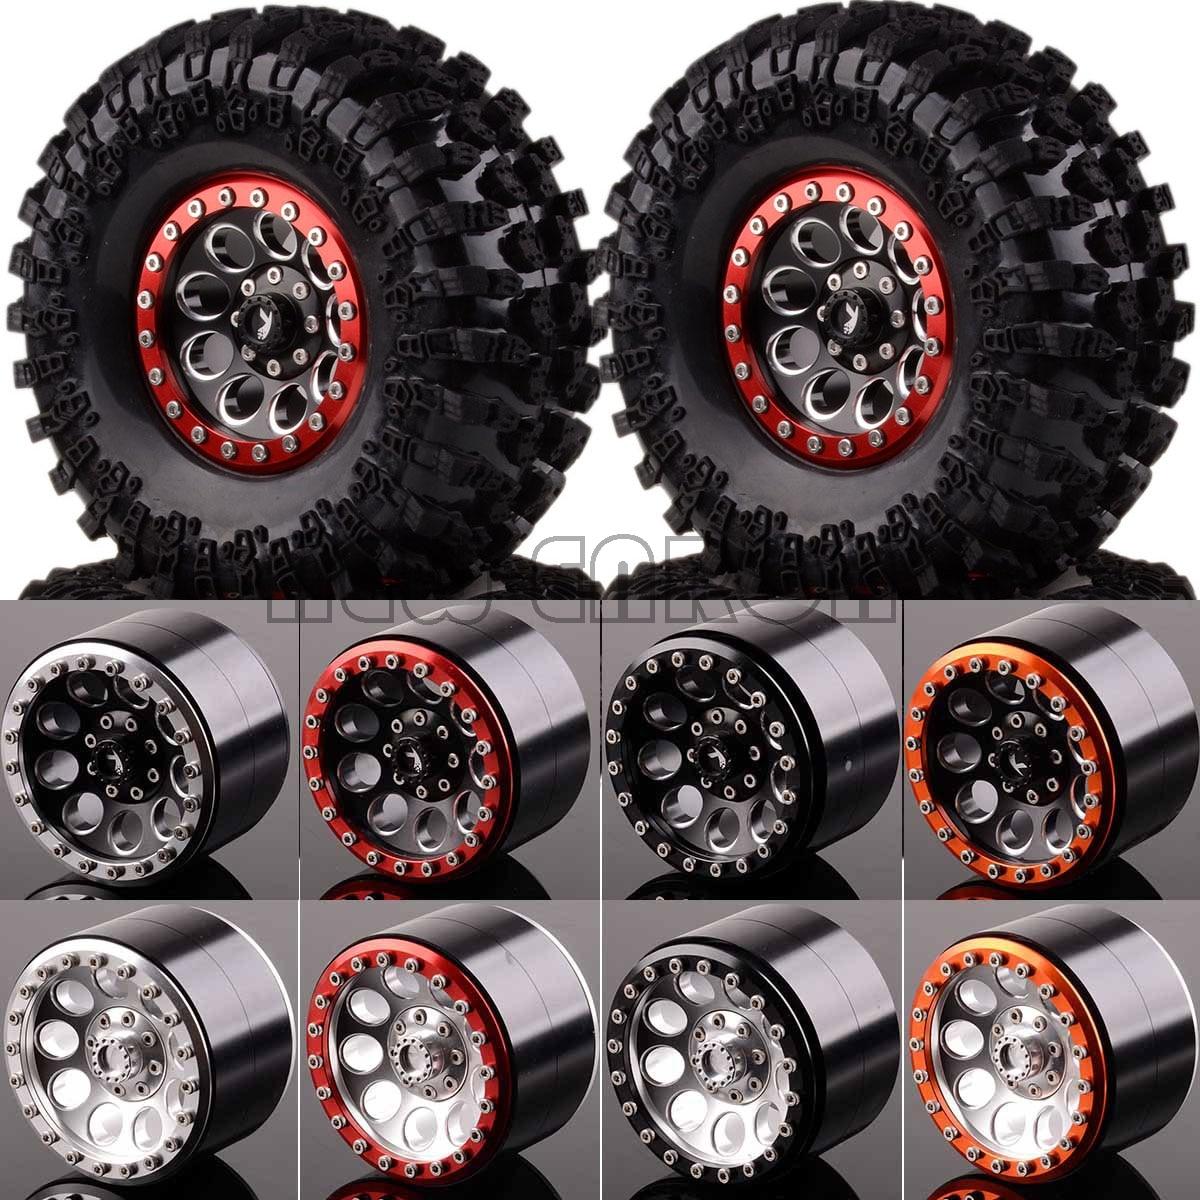 """Nova enron 4 p 2.2 """"metal beadlock roda aro hub & 125mm pneu para rc super swamper rochas 1/10 110 axial scx10 ii 90046 90047"""